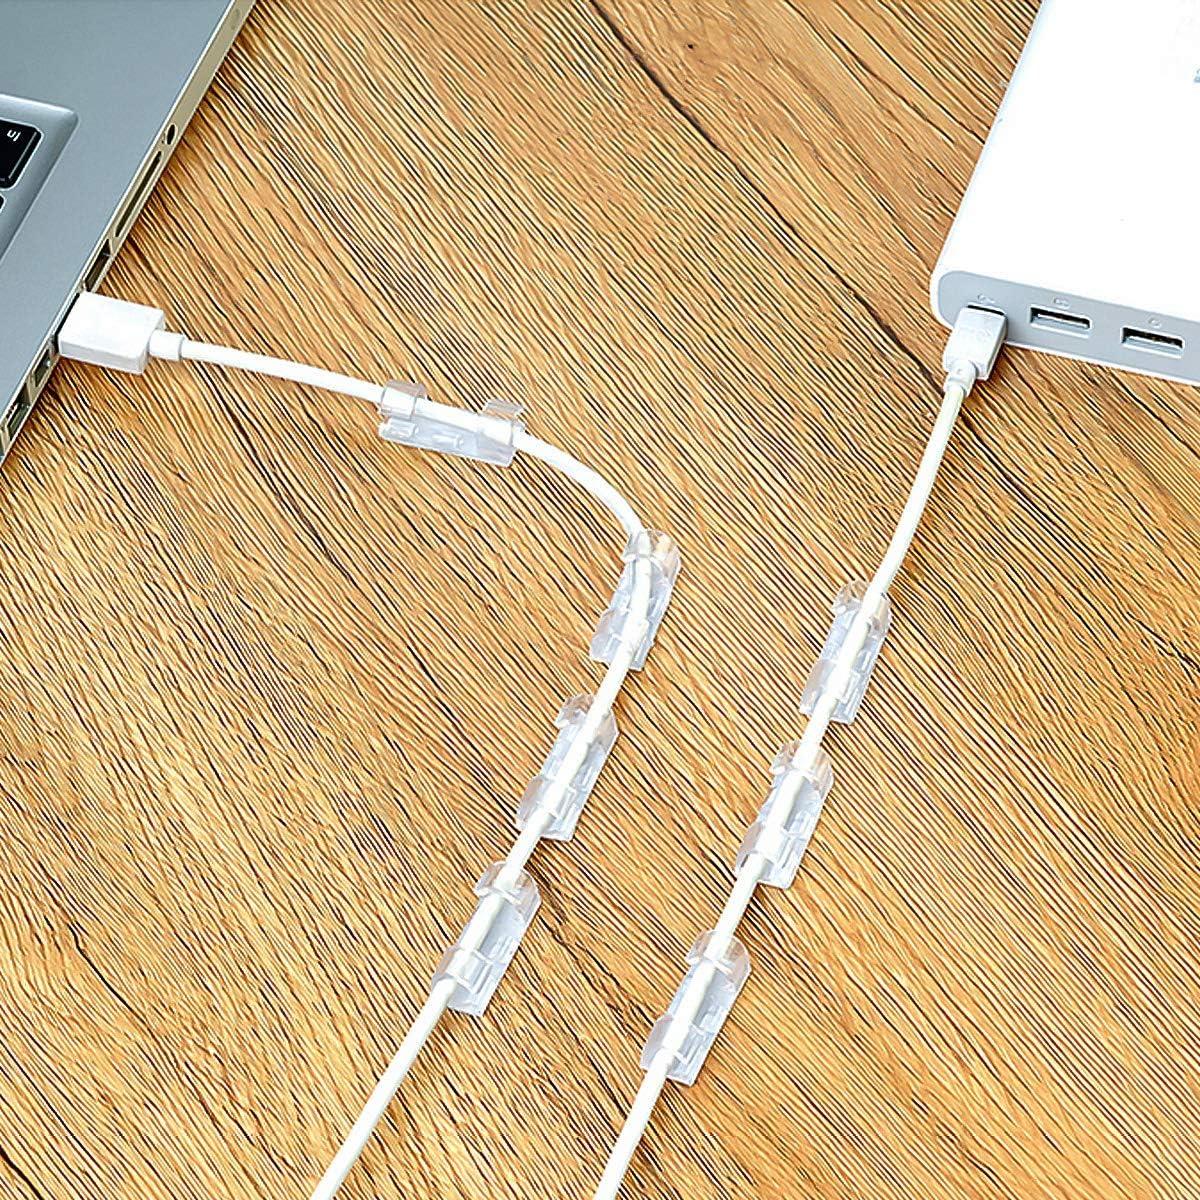 Lot de 3 clips de c/âble Organisateur Bureau en silicone Adh/ésif Attache-C/âbles et Gestion de c/âbles de Recharge pour TV Ordinateur PC Portable Maison et Bureau